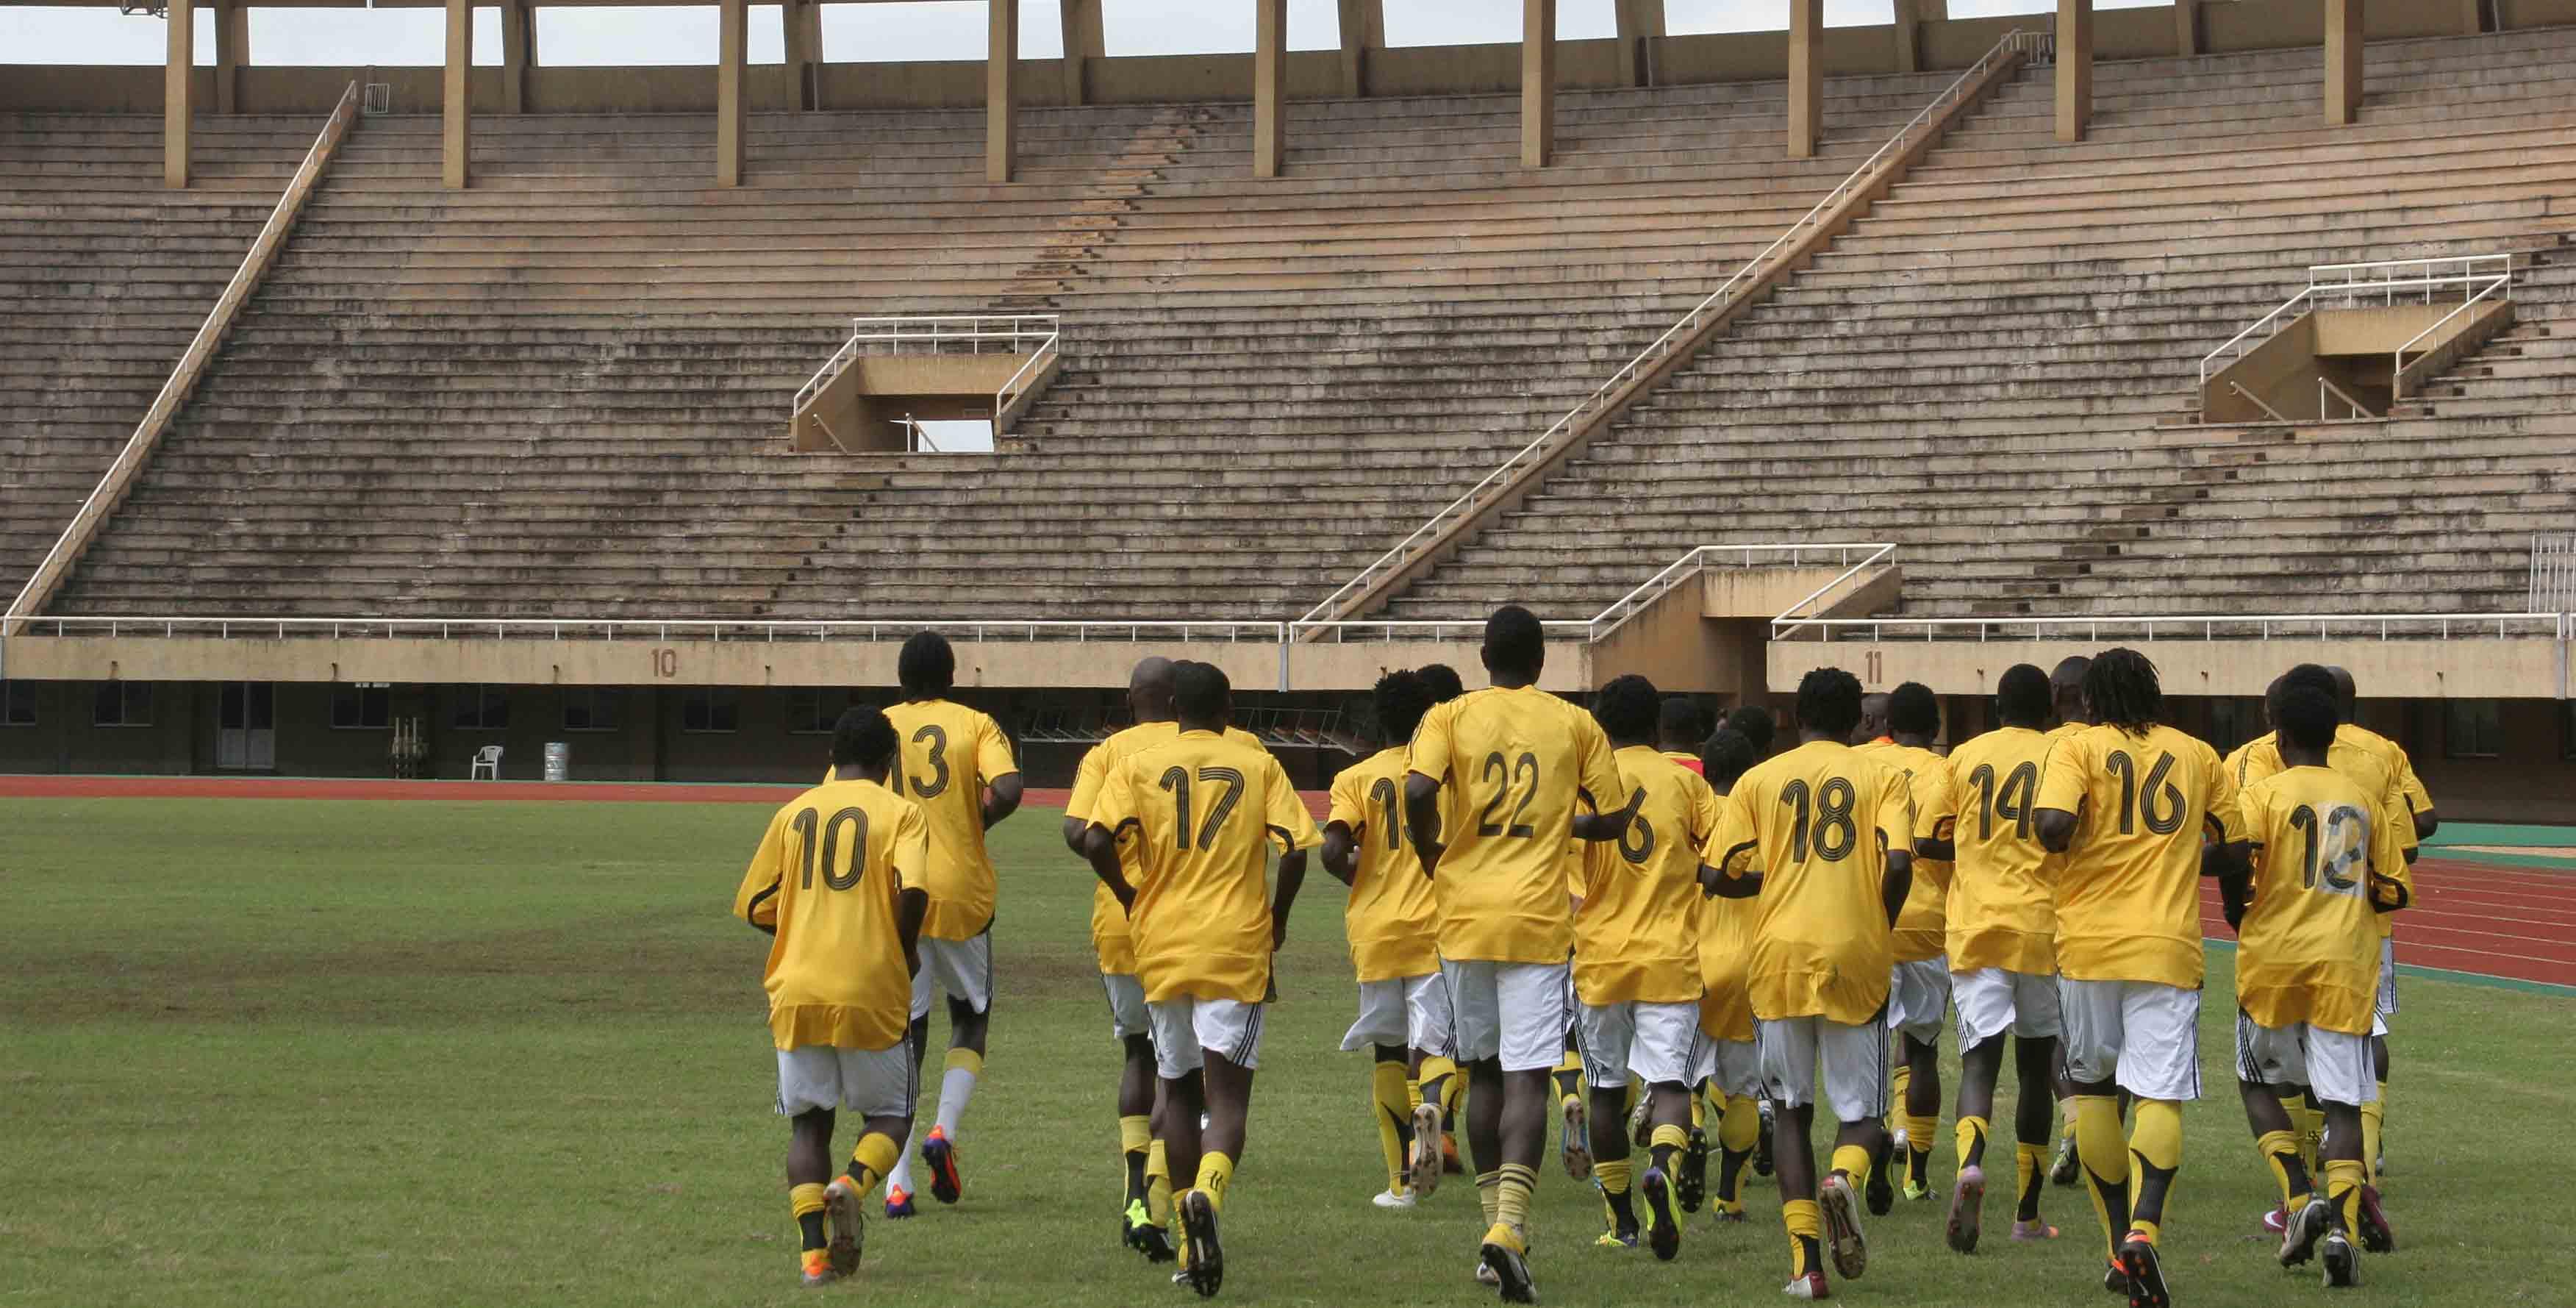 uganda-cranes-practising